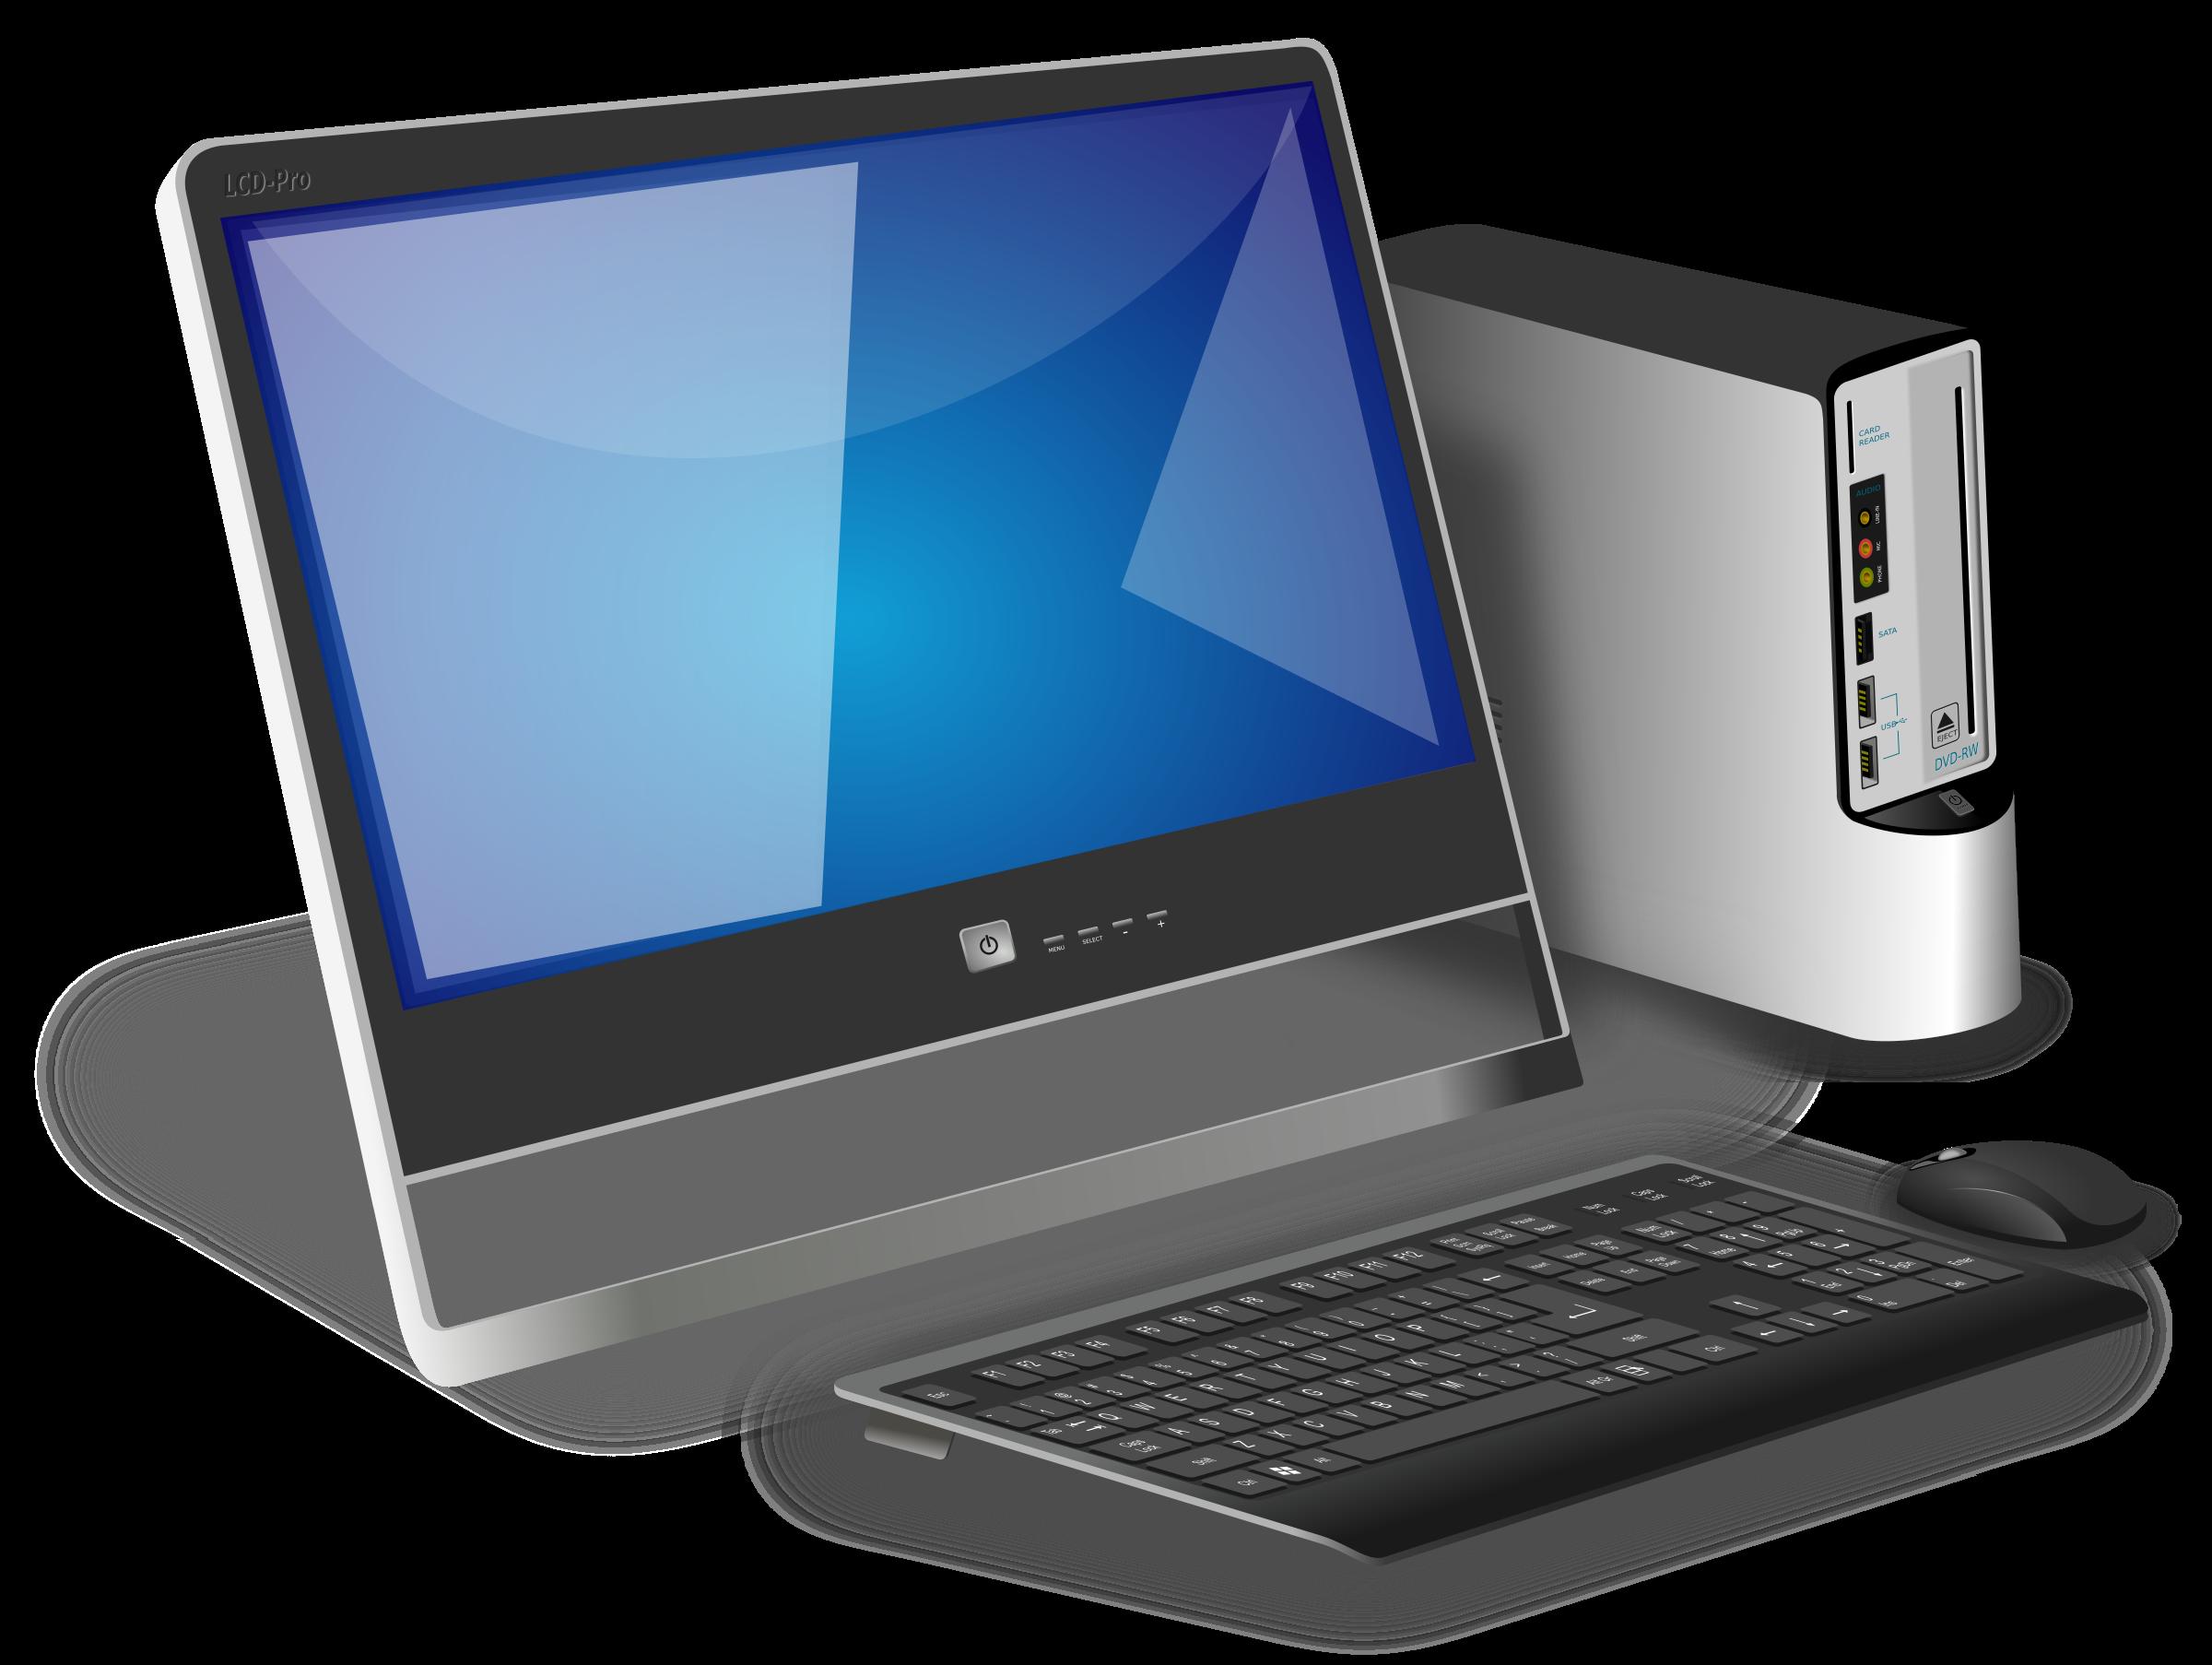 Computer Desktop Pc Png - Computer Pc, Transparent background PNG HD thumbnail